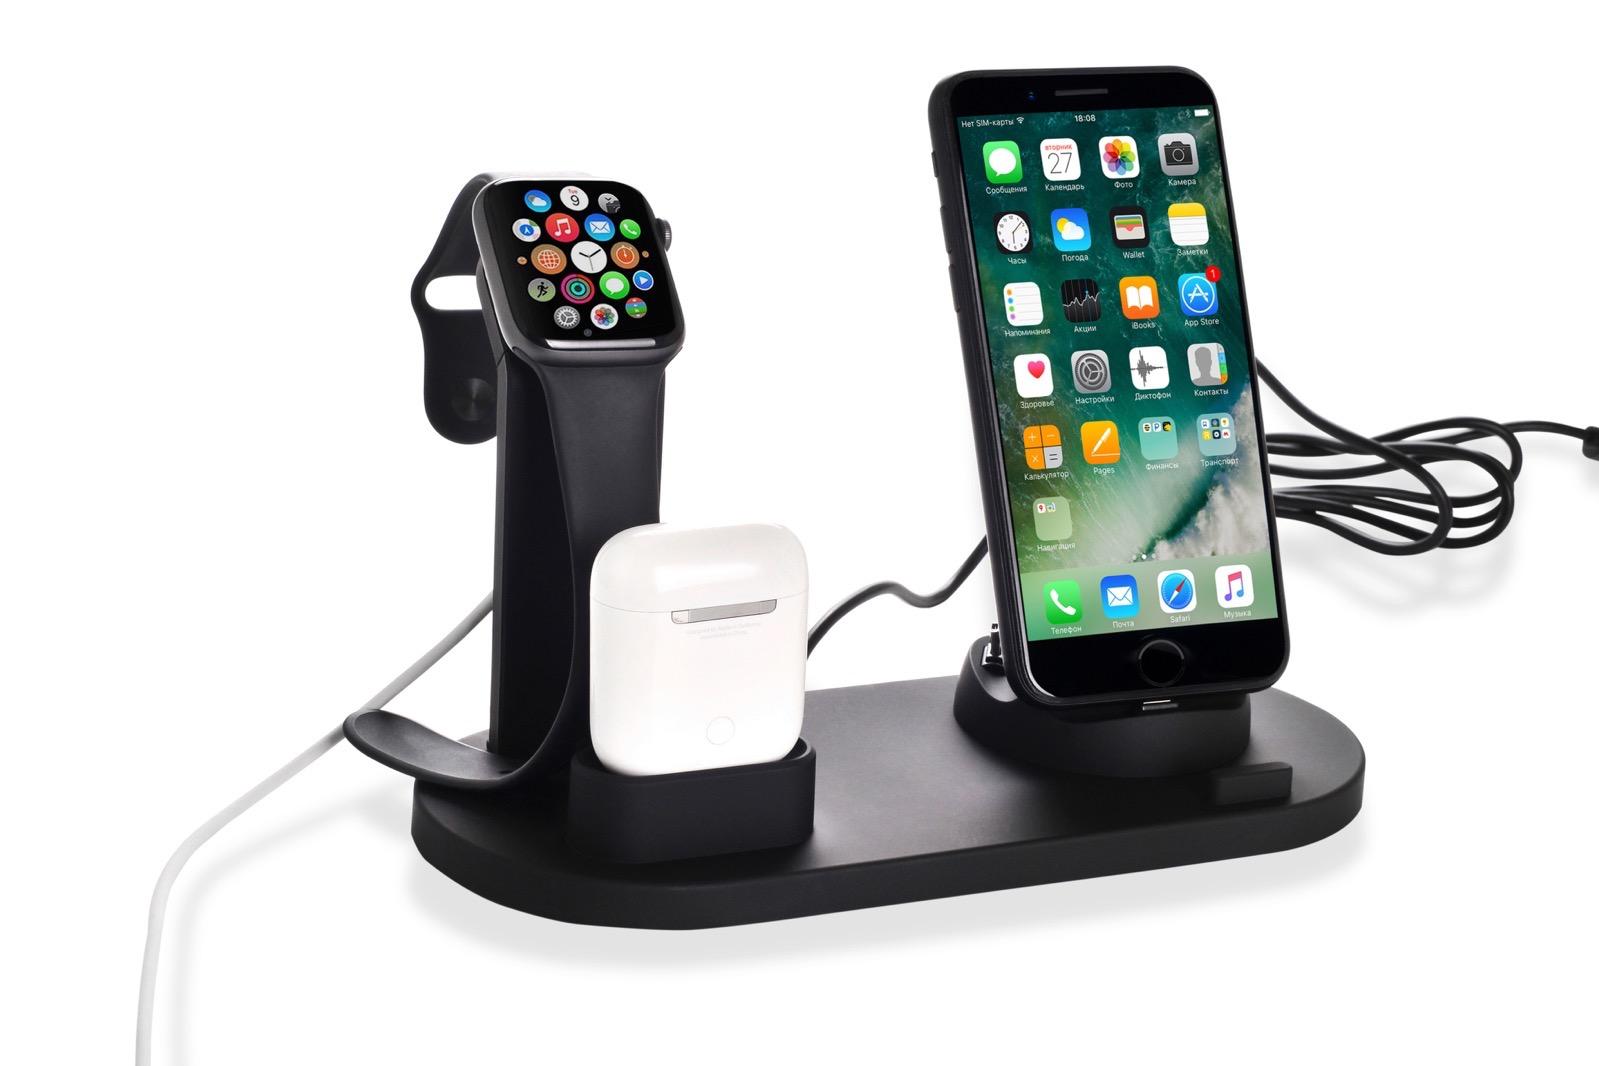 Док-станция – обзор преимуществ и недостатков лучших моделей для планшетов и телефонов